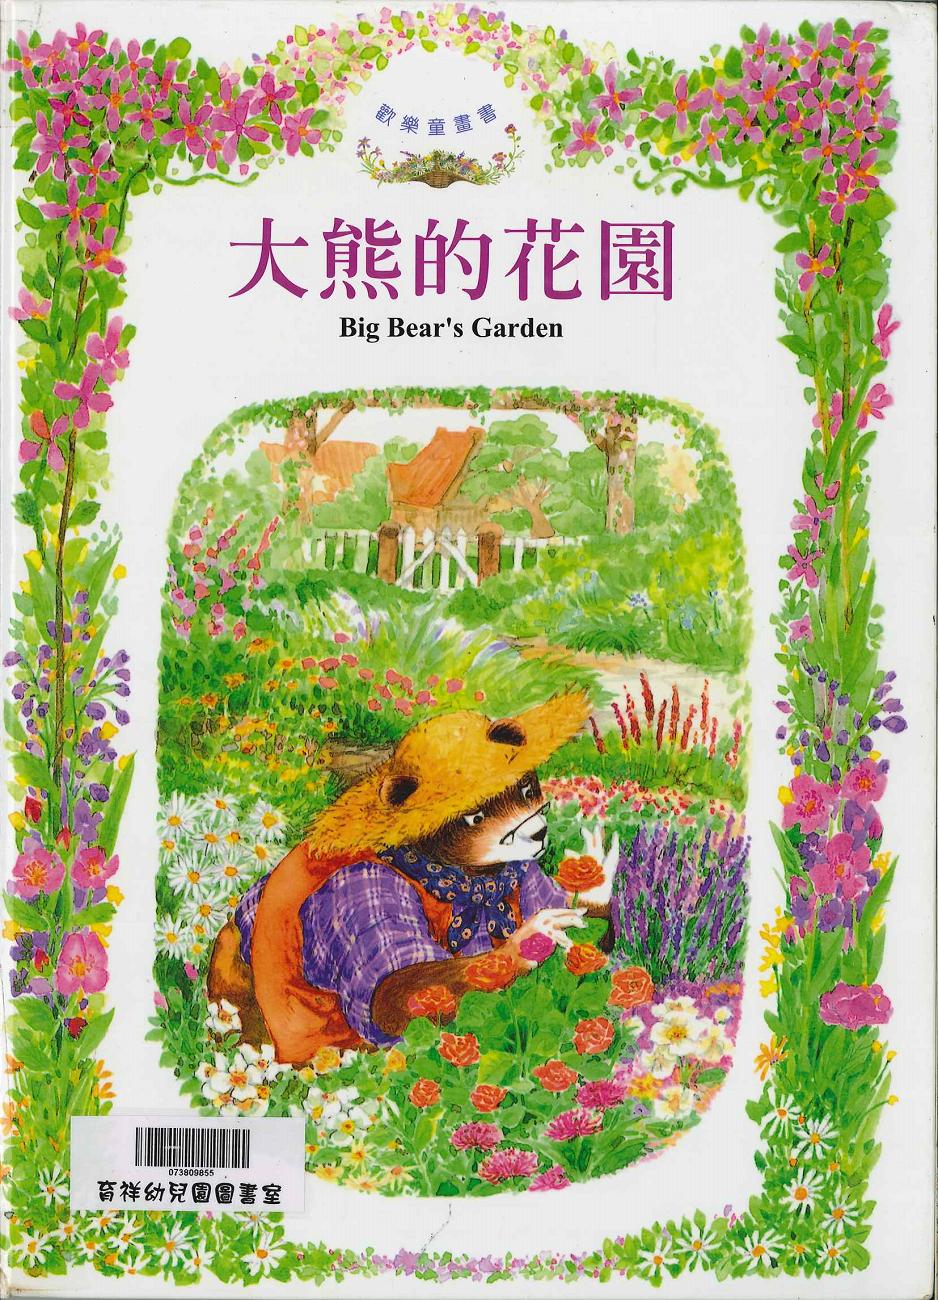 大熊的花園